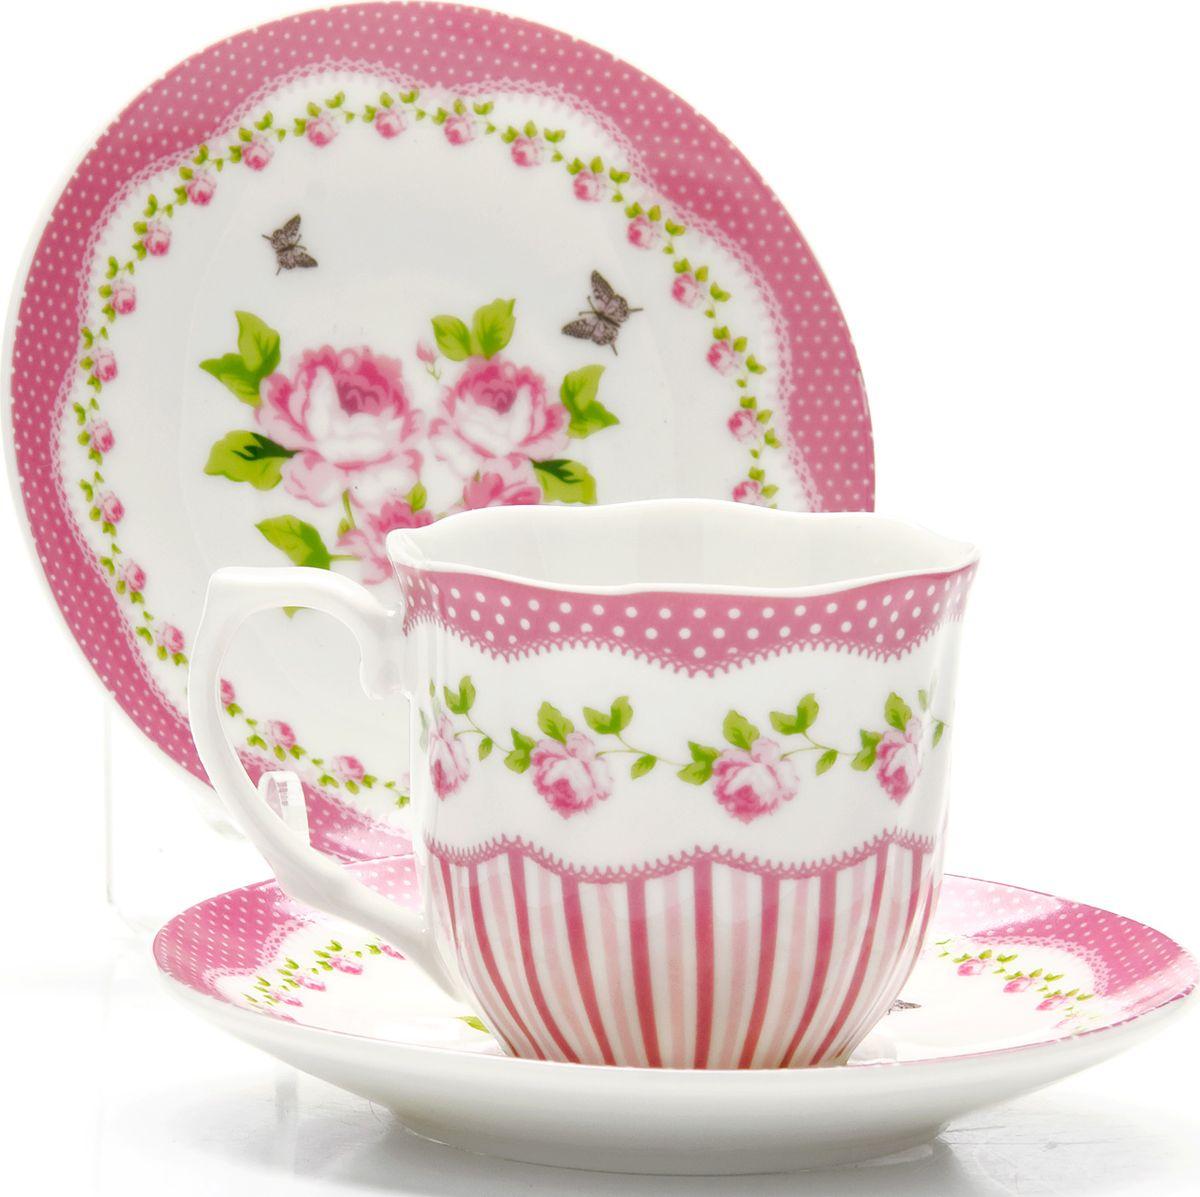 Набор кофейный Loraine, 12 предметов. 4333125959Кофейный сервиз на 6 персон изготовлен из качественного фарфора и оформлен красивым цветочным рисунком. Элегантный и удобный кофейный сервиз не только украсит сервировку стола, но и поднимет настроение и превратит процесс чаепития в одно удовольствие.Сервиз состоит из 12 предметов: шести чашек и шести блюдец, упакованных в подарочную коробку. Чашки имеют удобную, изящную ручку. Изделия легко и просто мыть. Кофейный сервиз прекрасно подойдет в качестве подарка для родных и друзей на любой праздник!Диаметр чашки: 6 см.Высота чашки: 5,5 см.Объем чашки: 80 мл.Диаметр блюдца: 11 см.